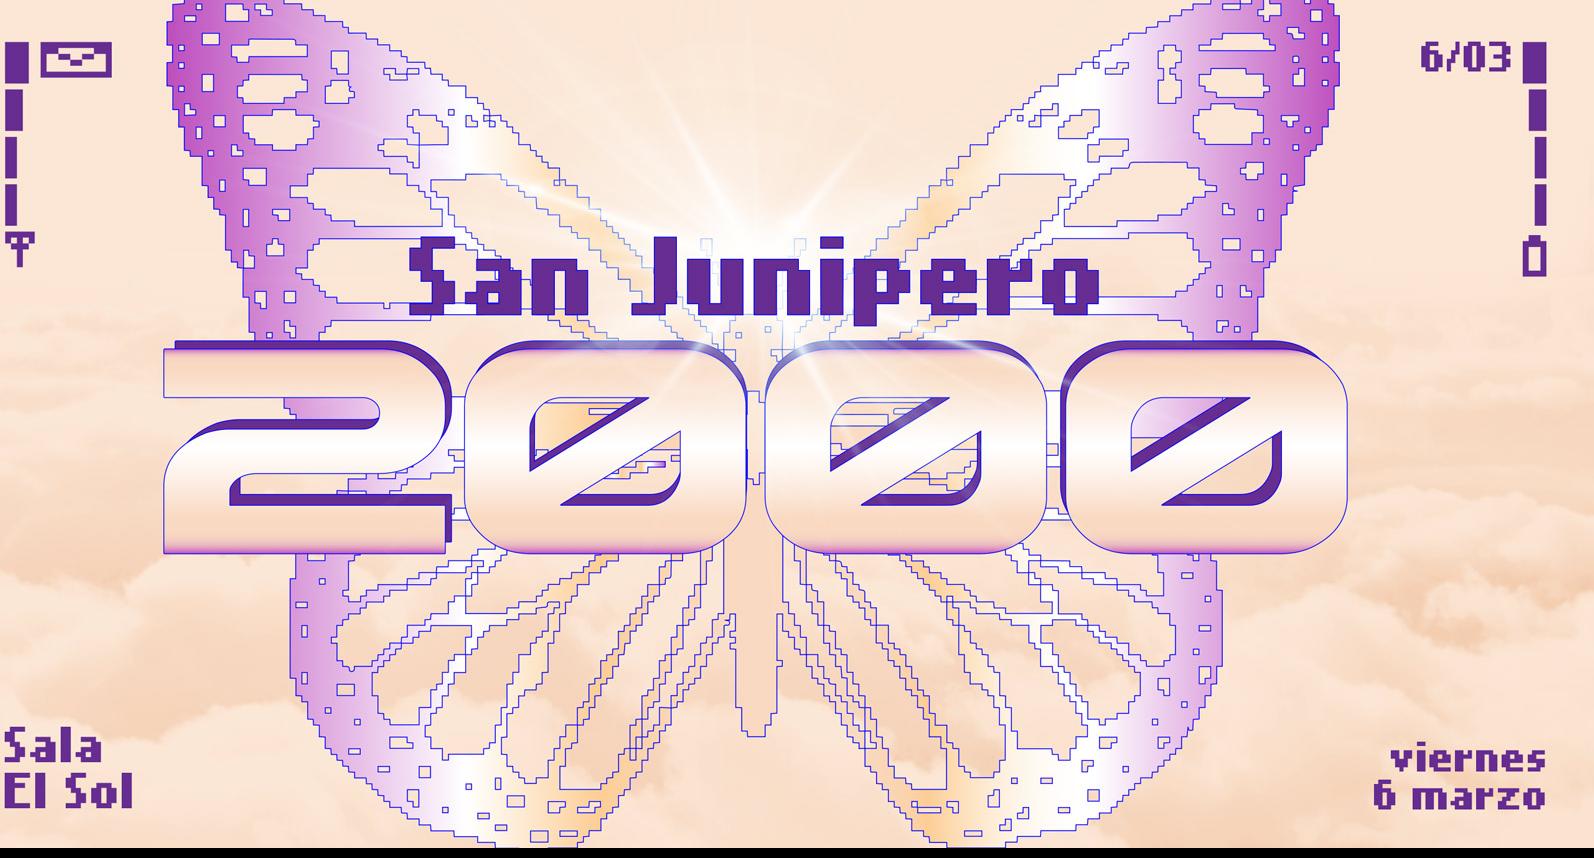 00 evento sj 2000